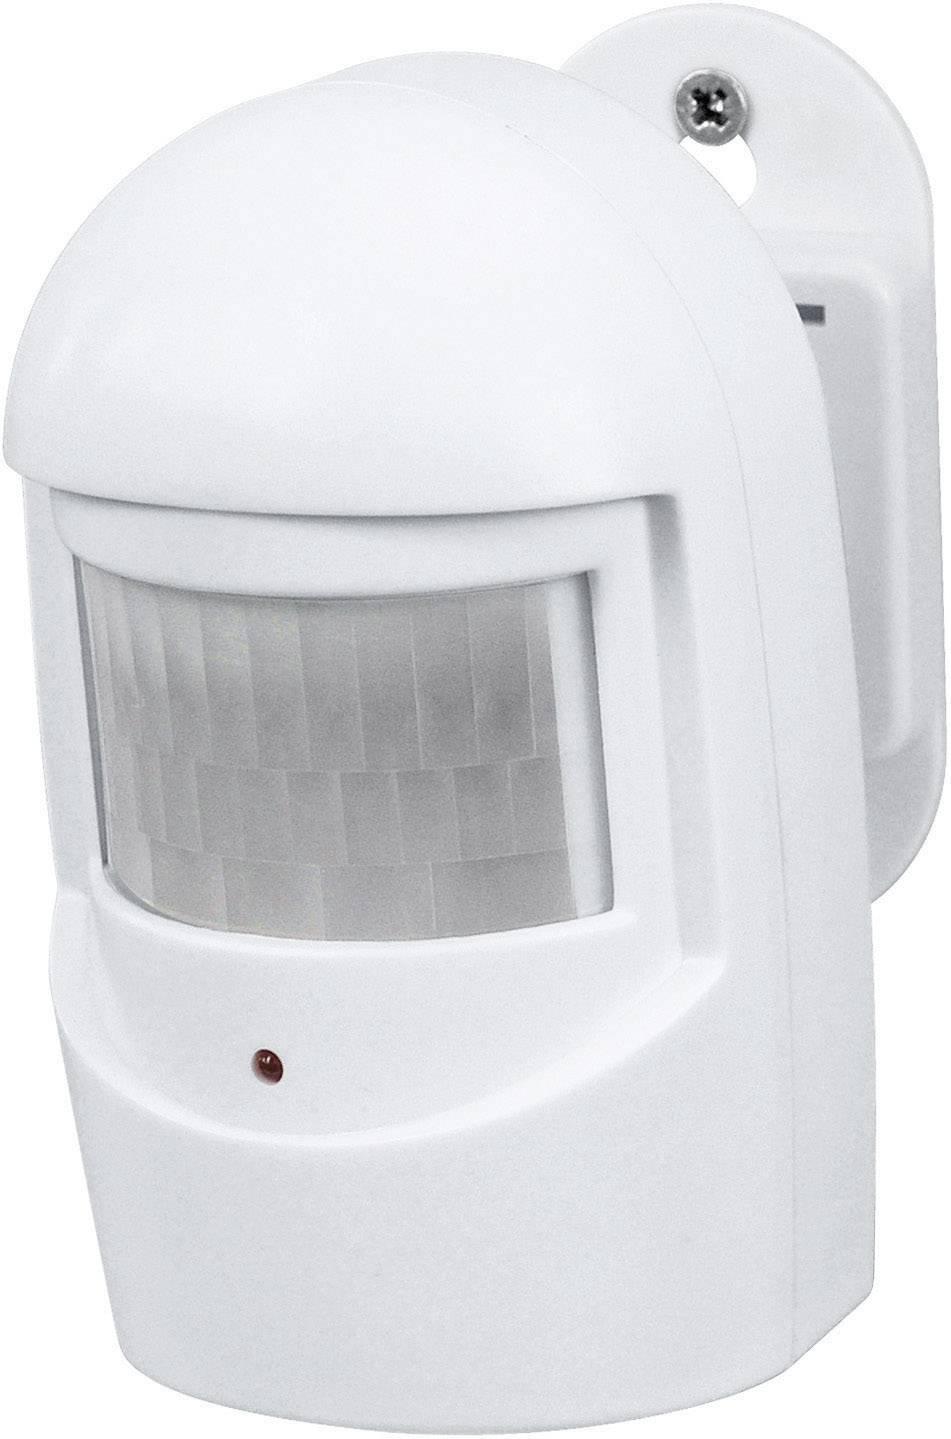 Bezdrôtový detektor pohybu MA80P